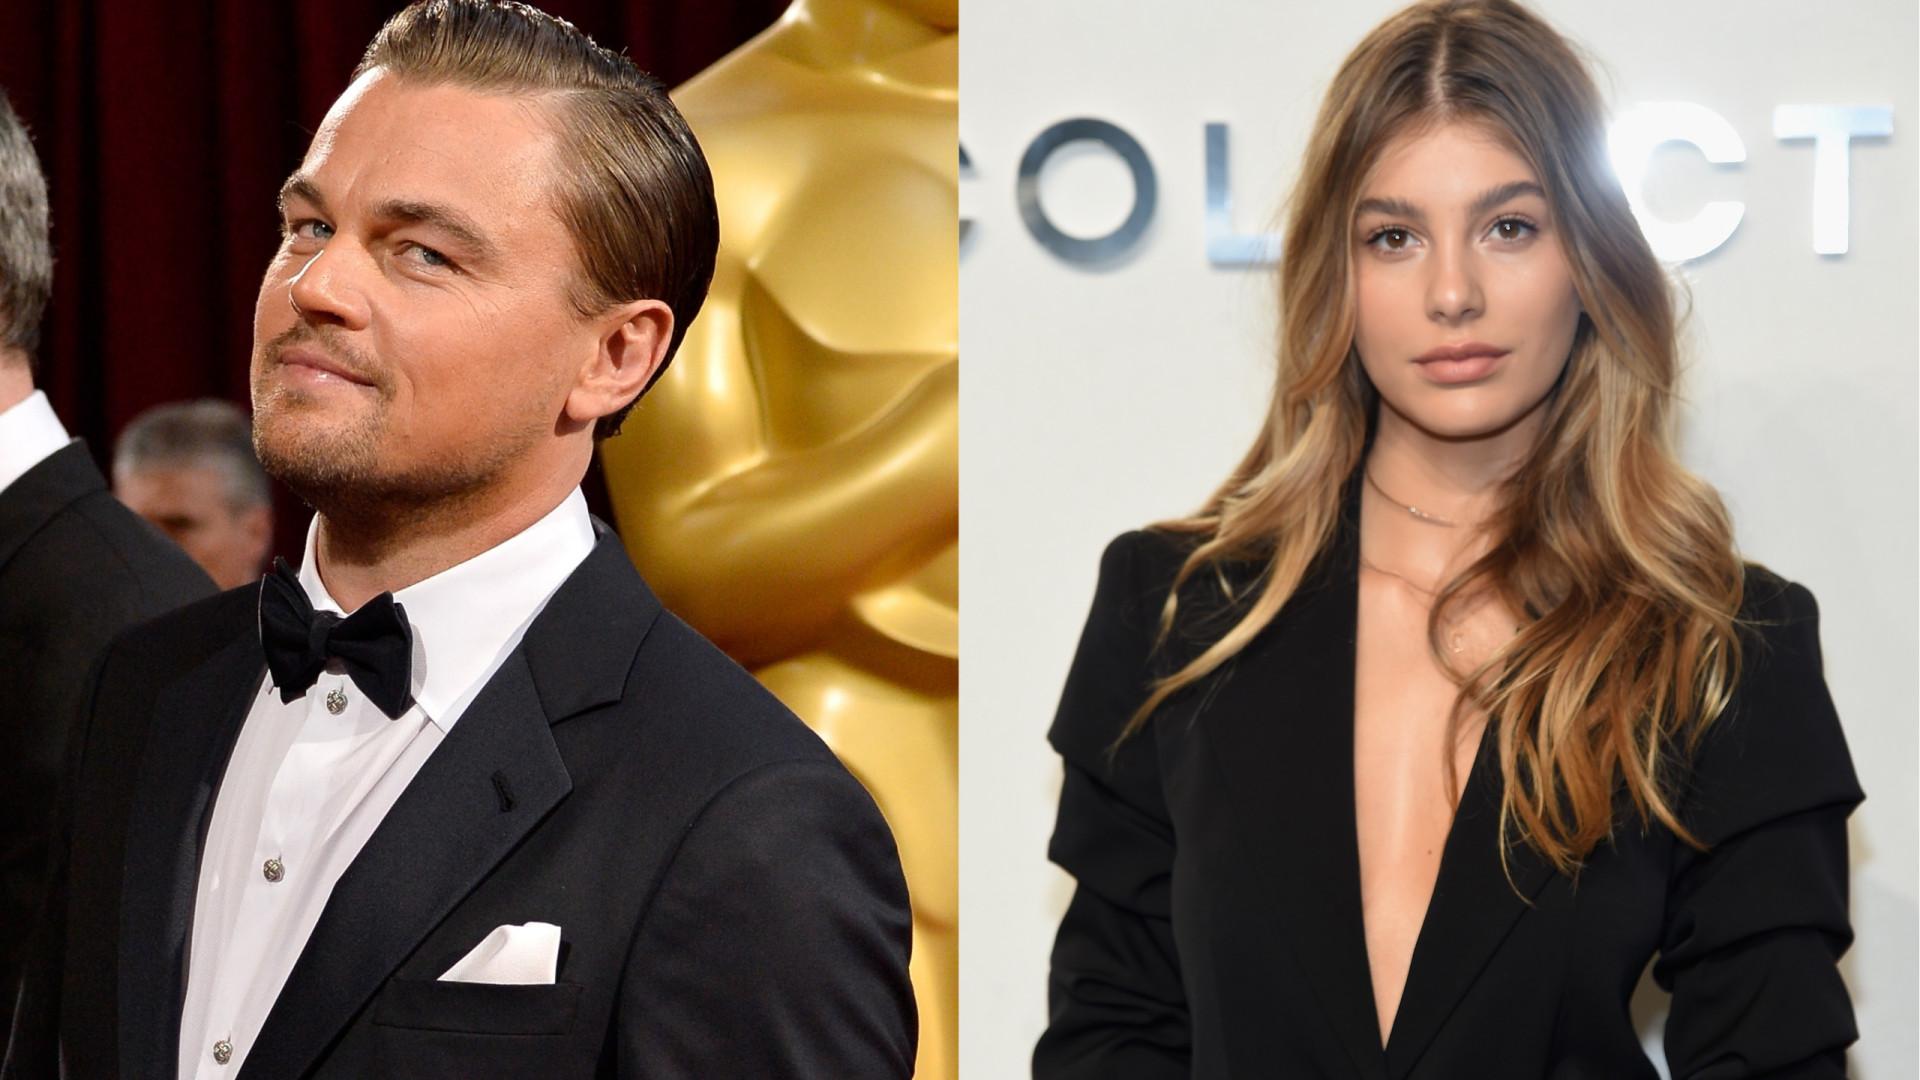 DiCaprio 'apanhado' pela primeira vez com namorada 23 anos mais nova